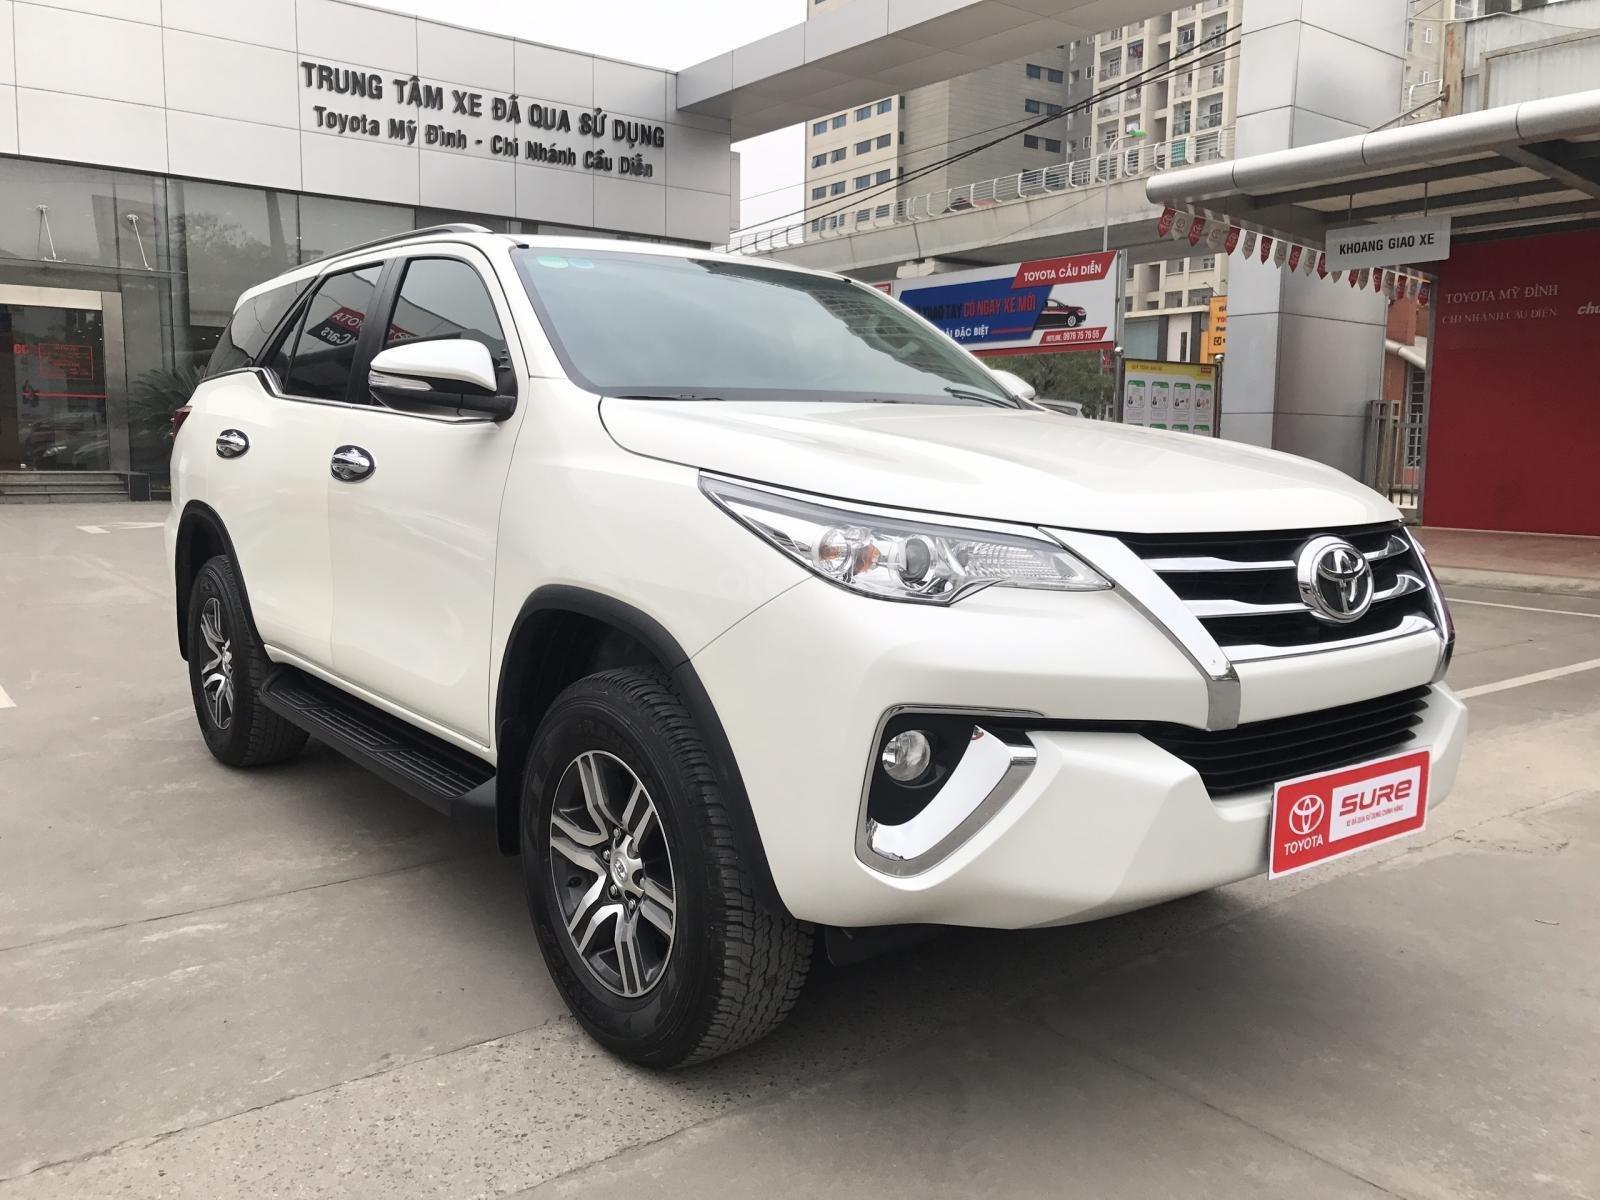 Bán Toyota Fortuner 2.7V (4x2) sản xuất năm 2017, màu trắng, xe nhập-0